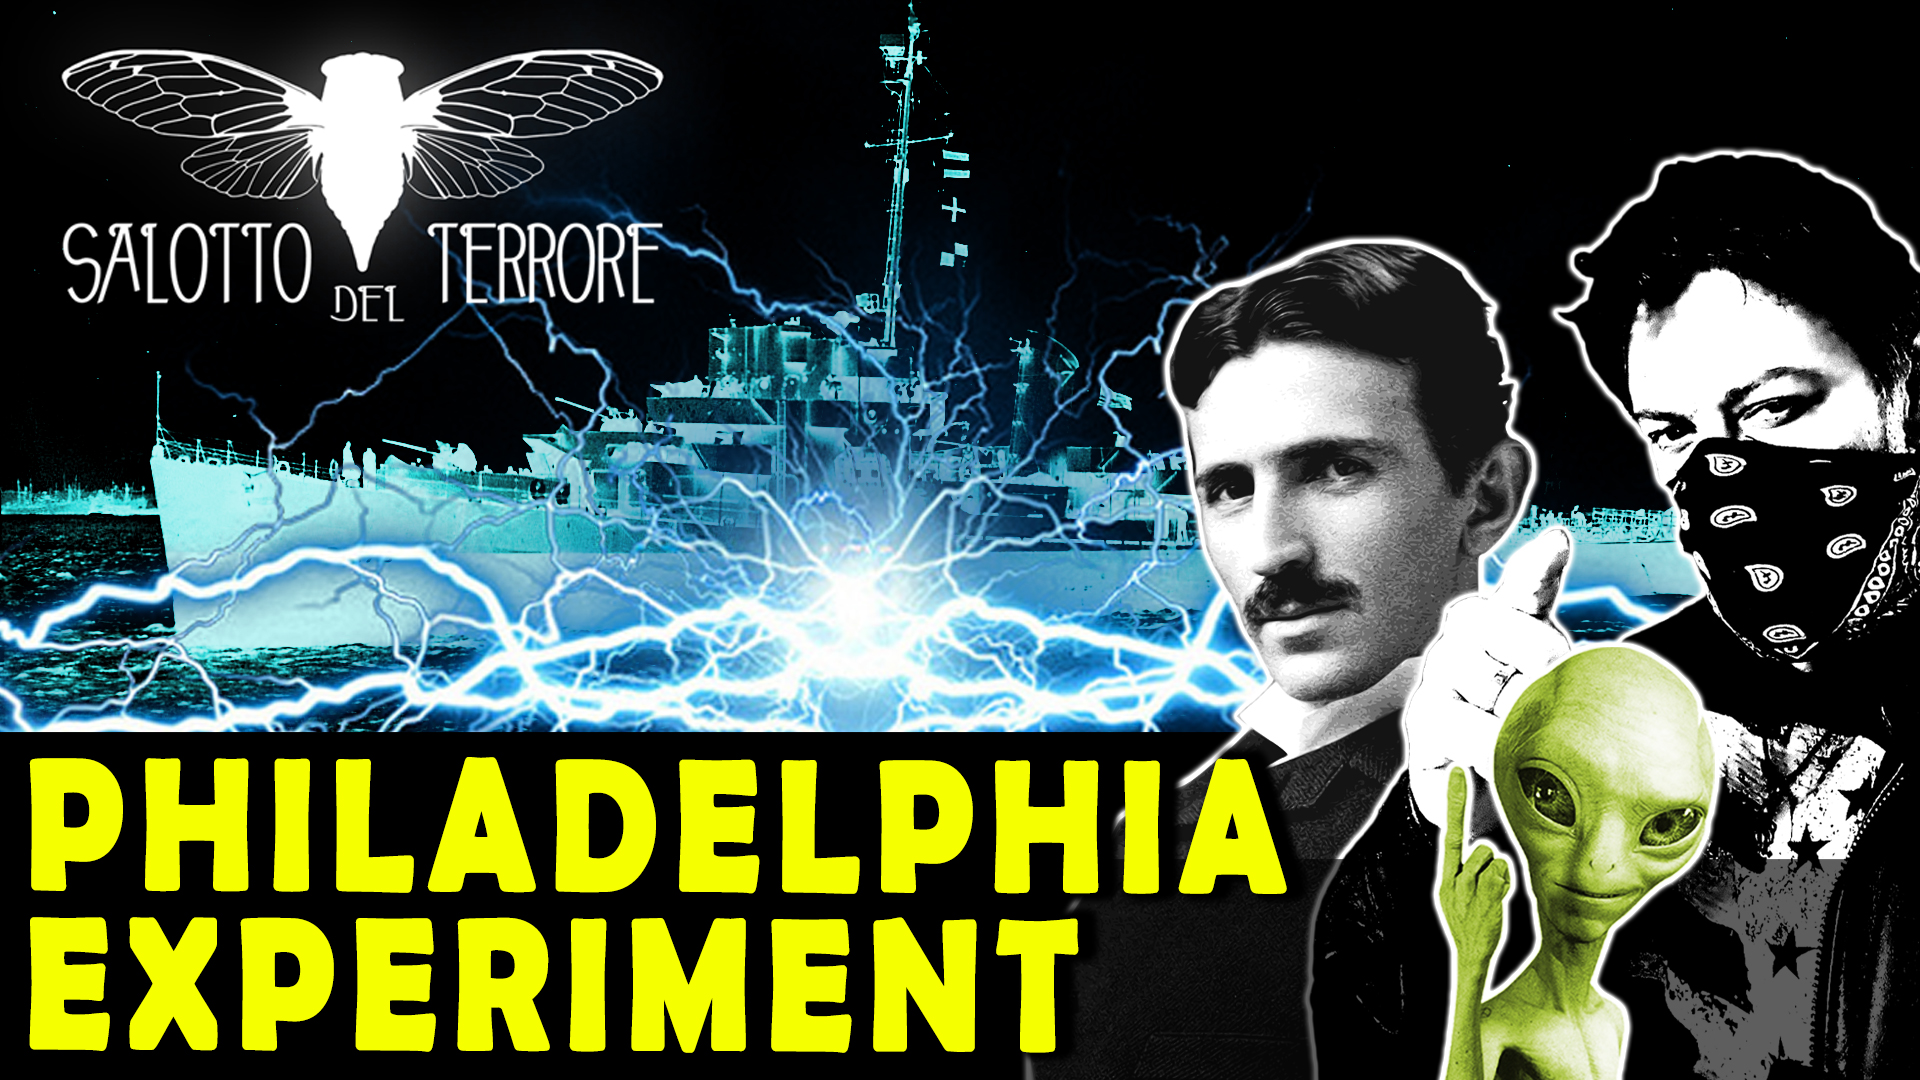 La verità sul Philadelphia experiment - un viaggio ai confini della realtà